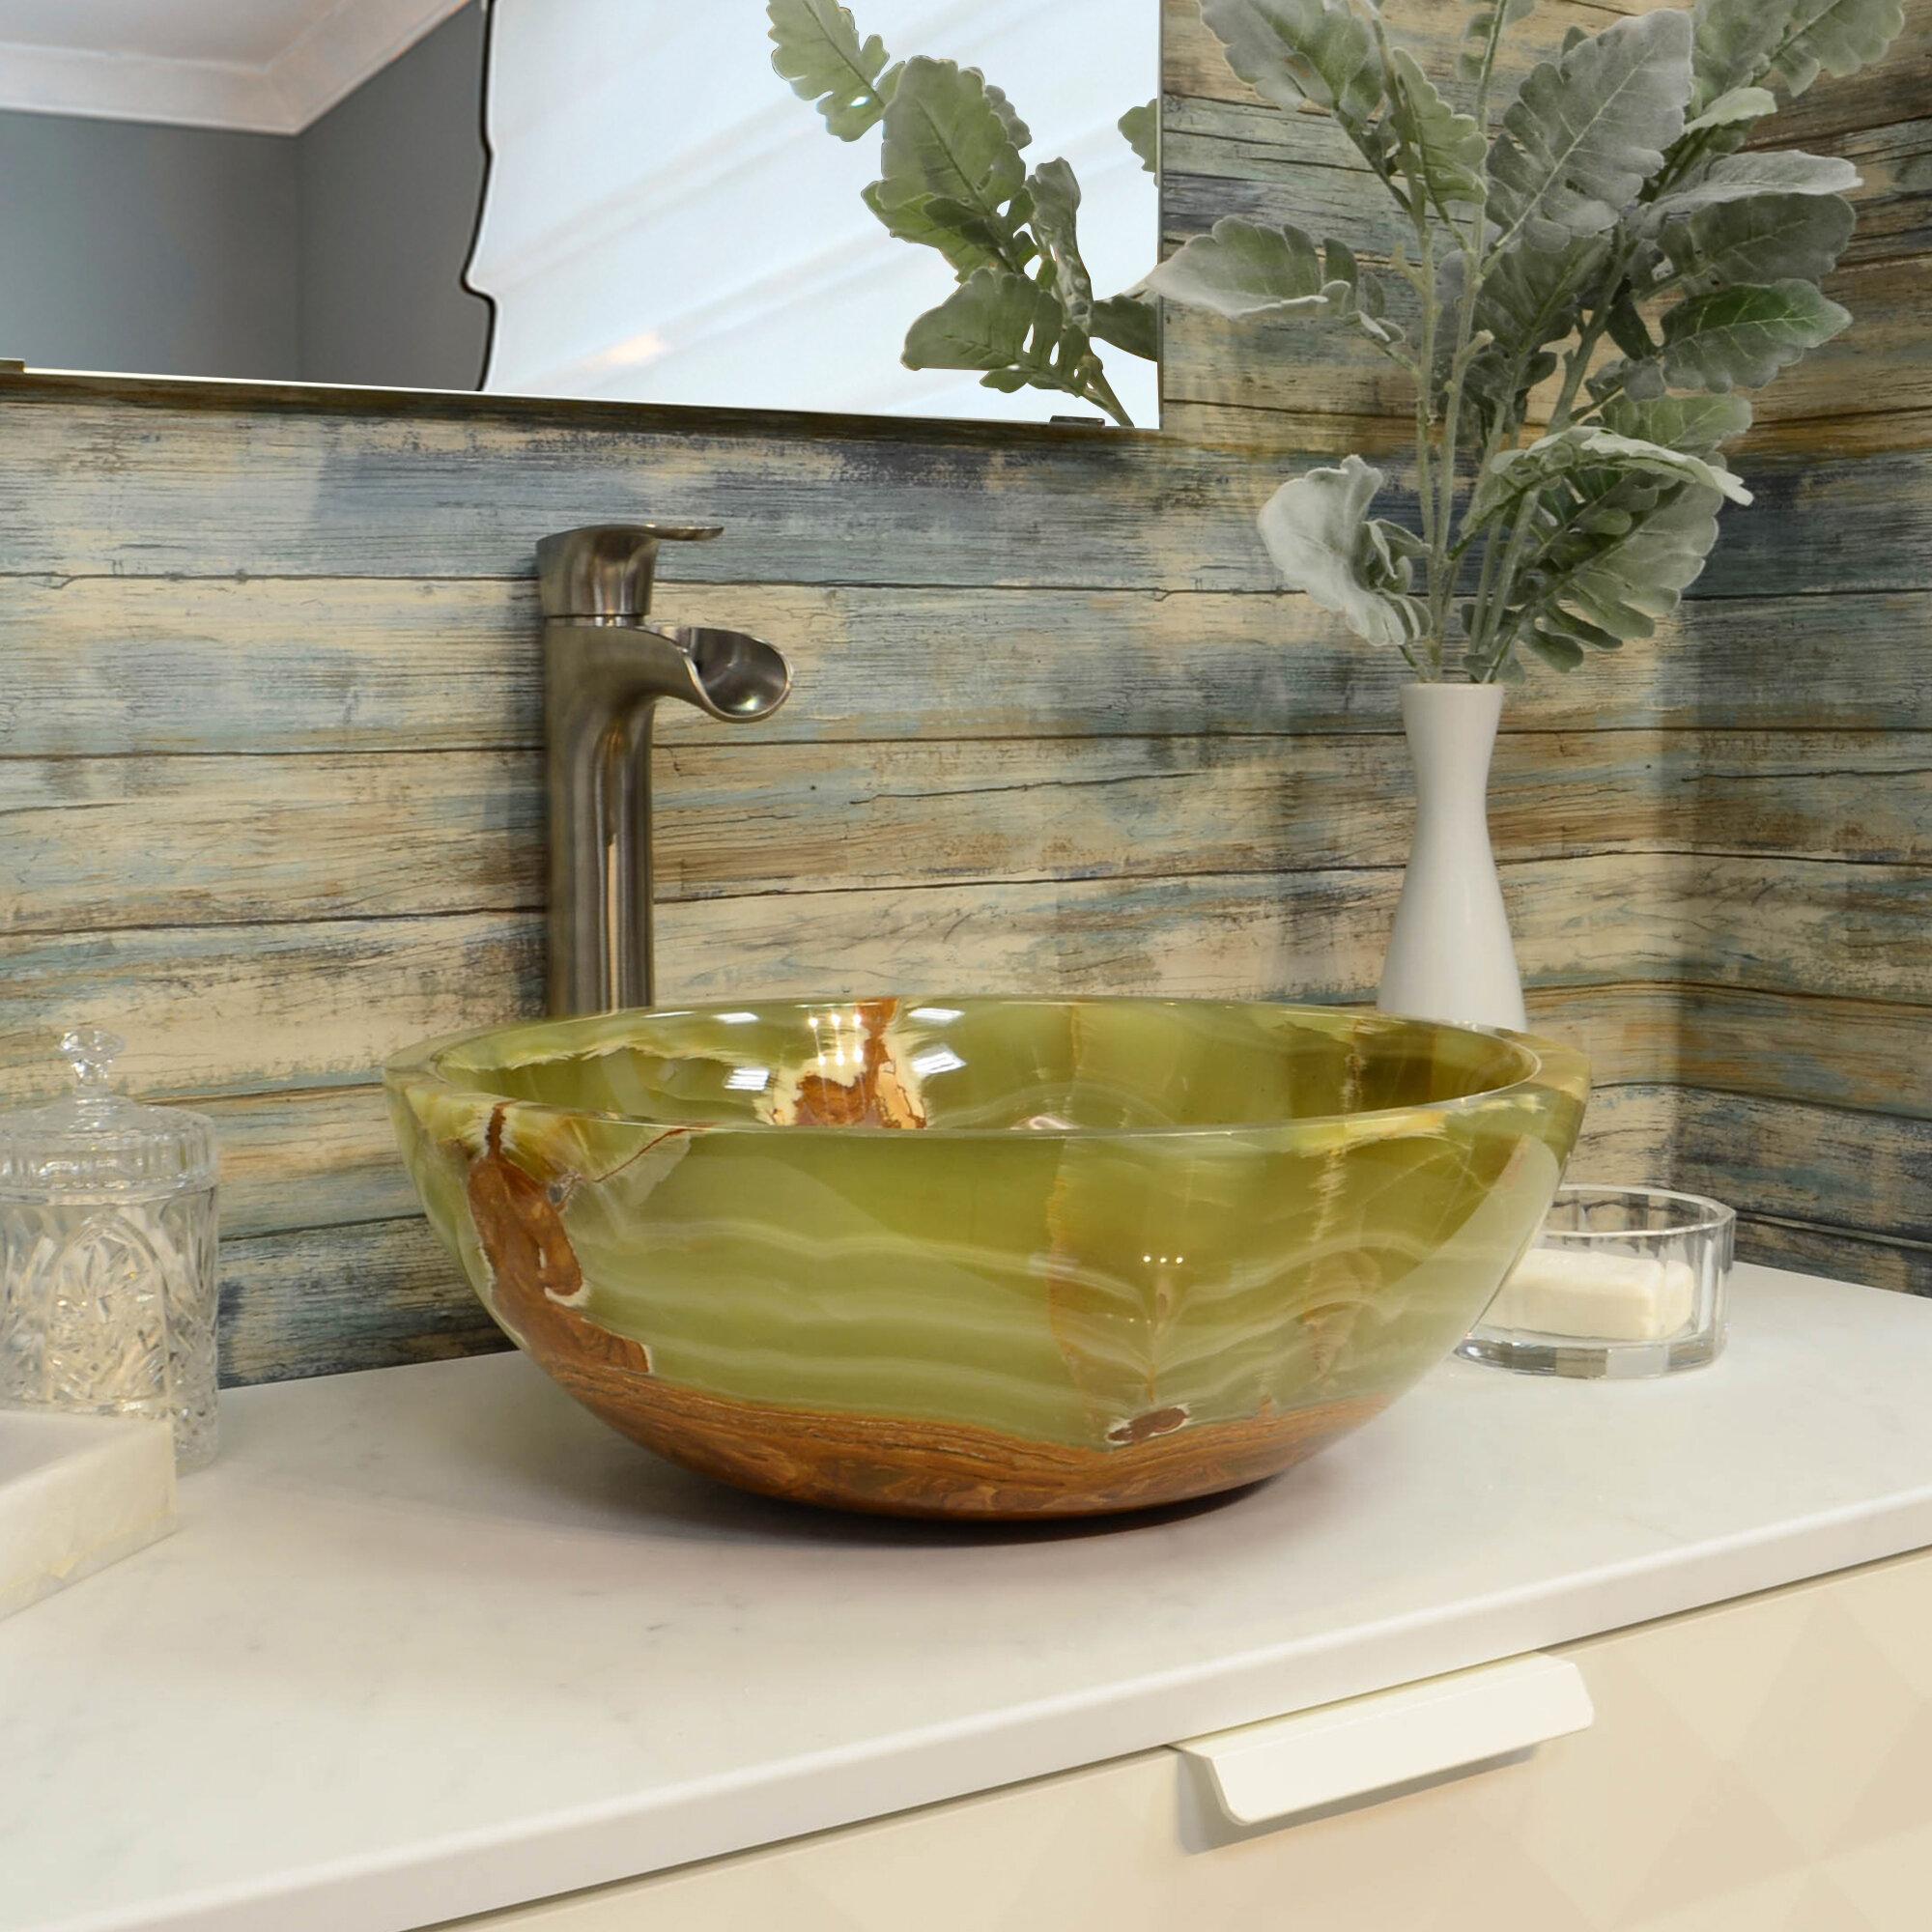 Snk rd ga s onyx stone circular vessel bathroom sink